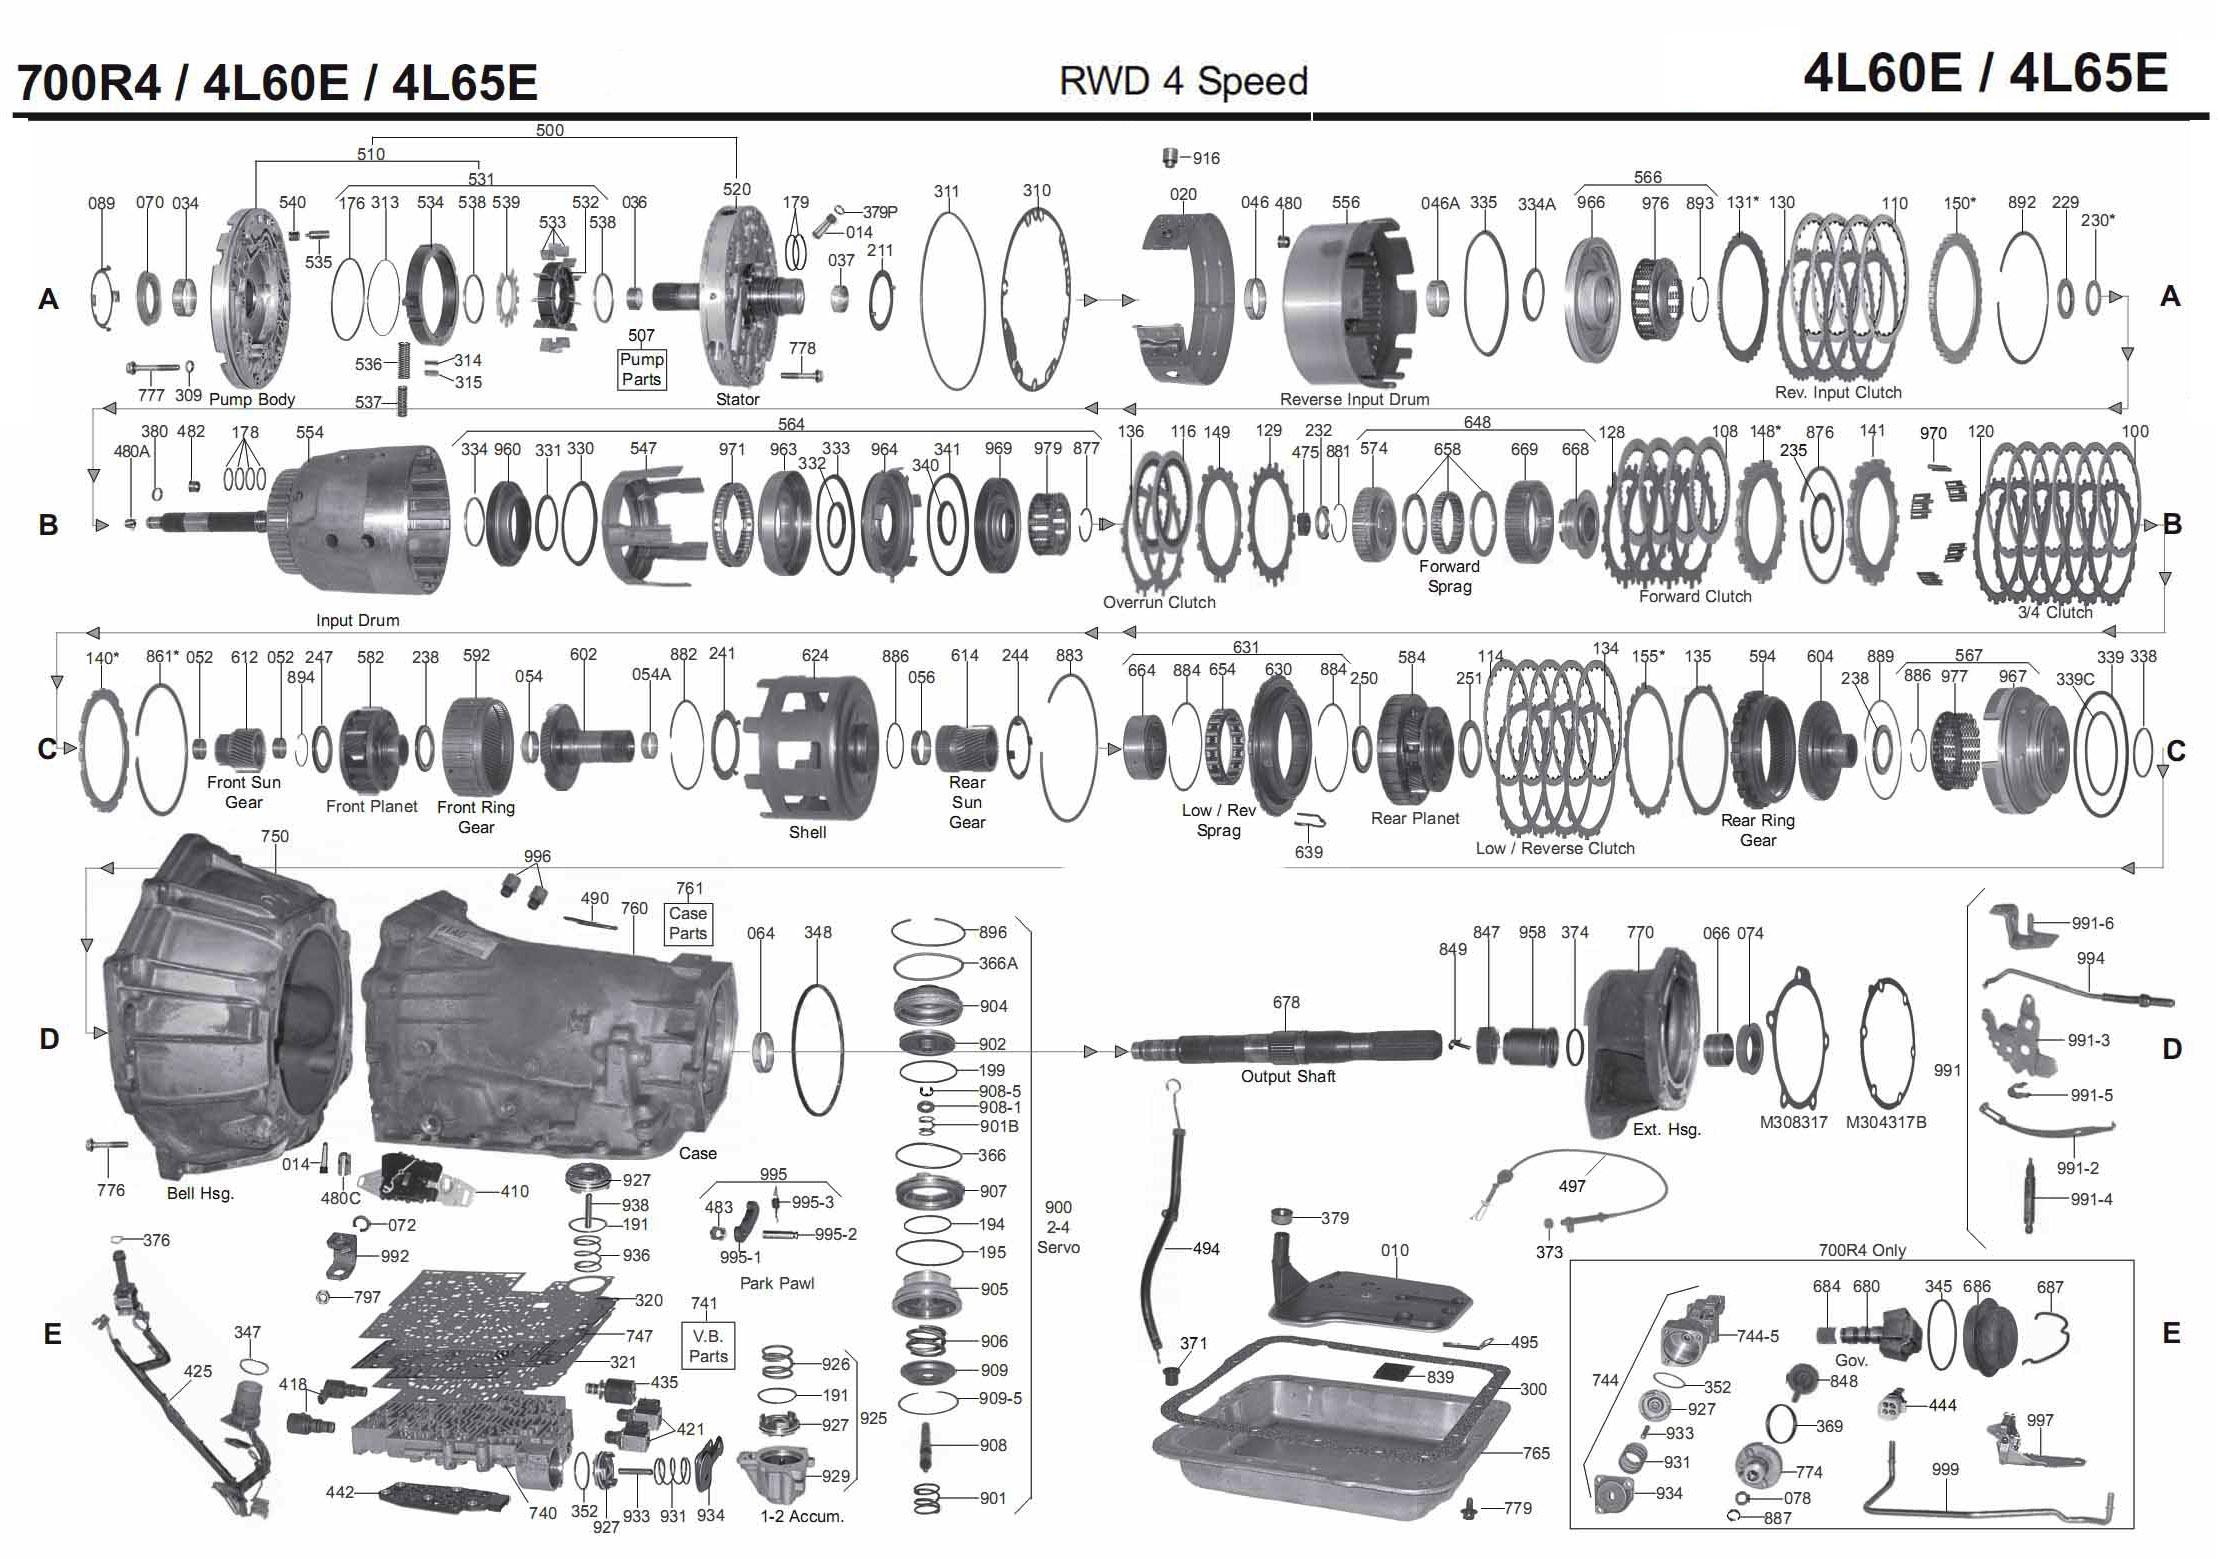 700r4 transmission wiring schematic